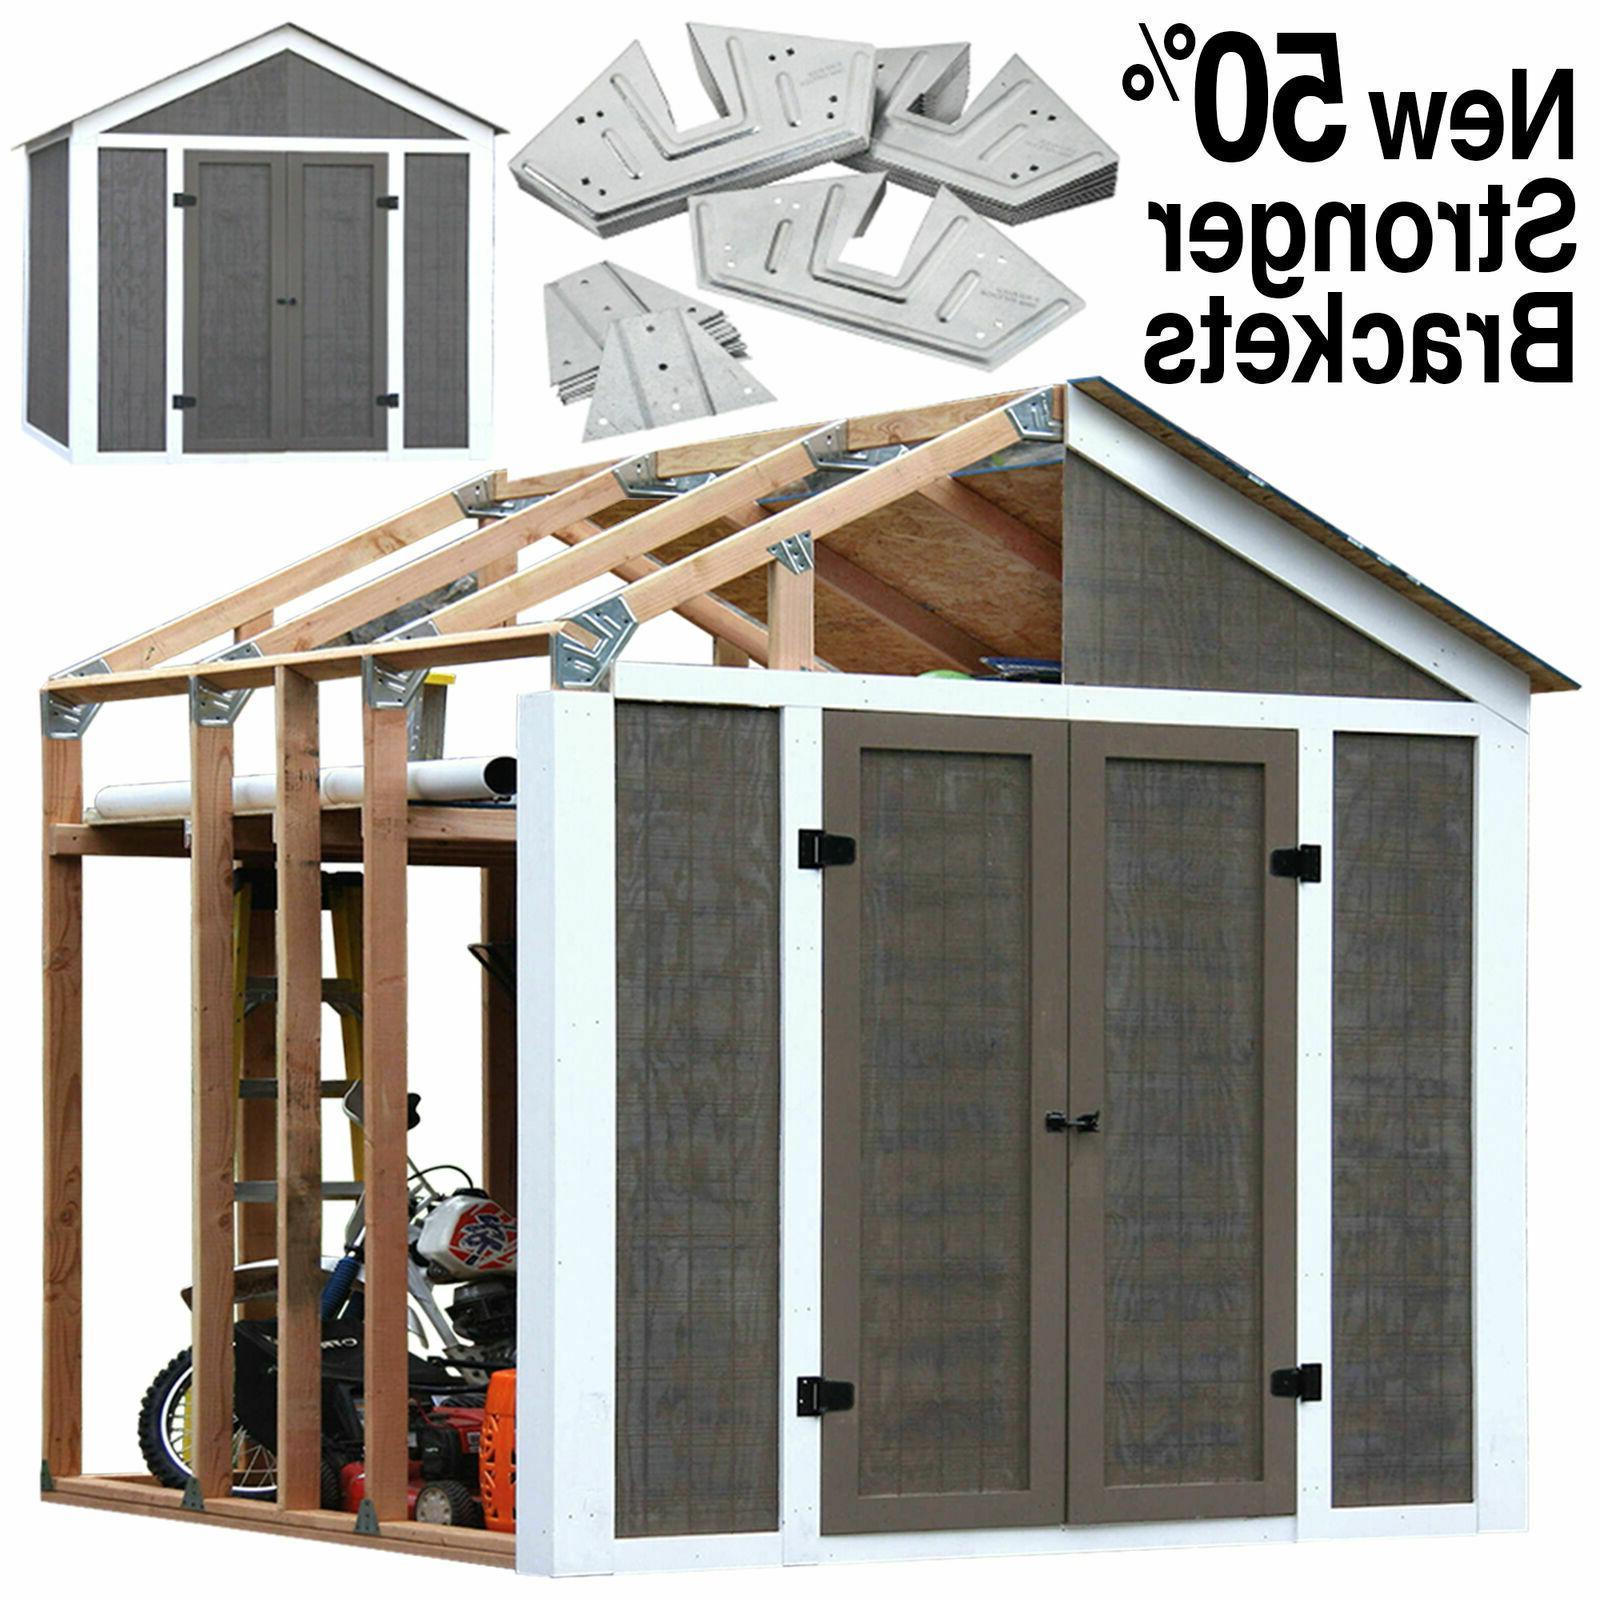 Wood 7' x 8' Outdoor Storage Shed Garden Utility Garage Yard